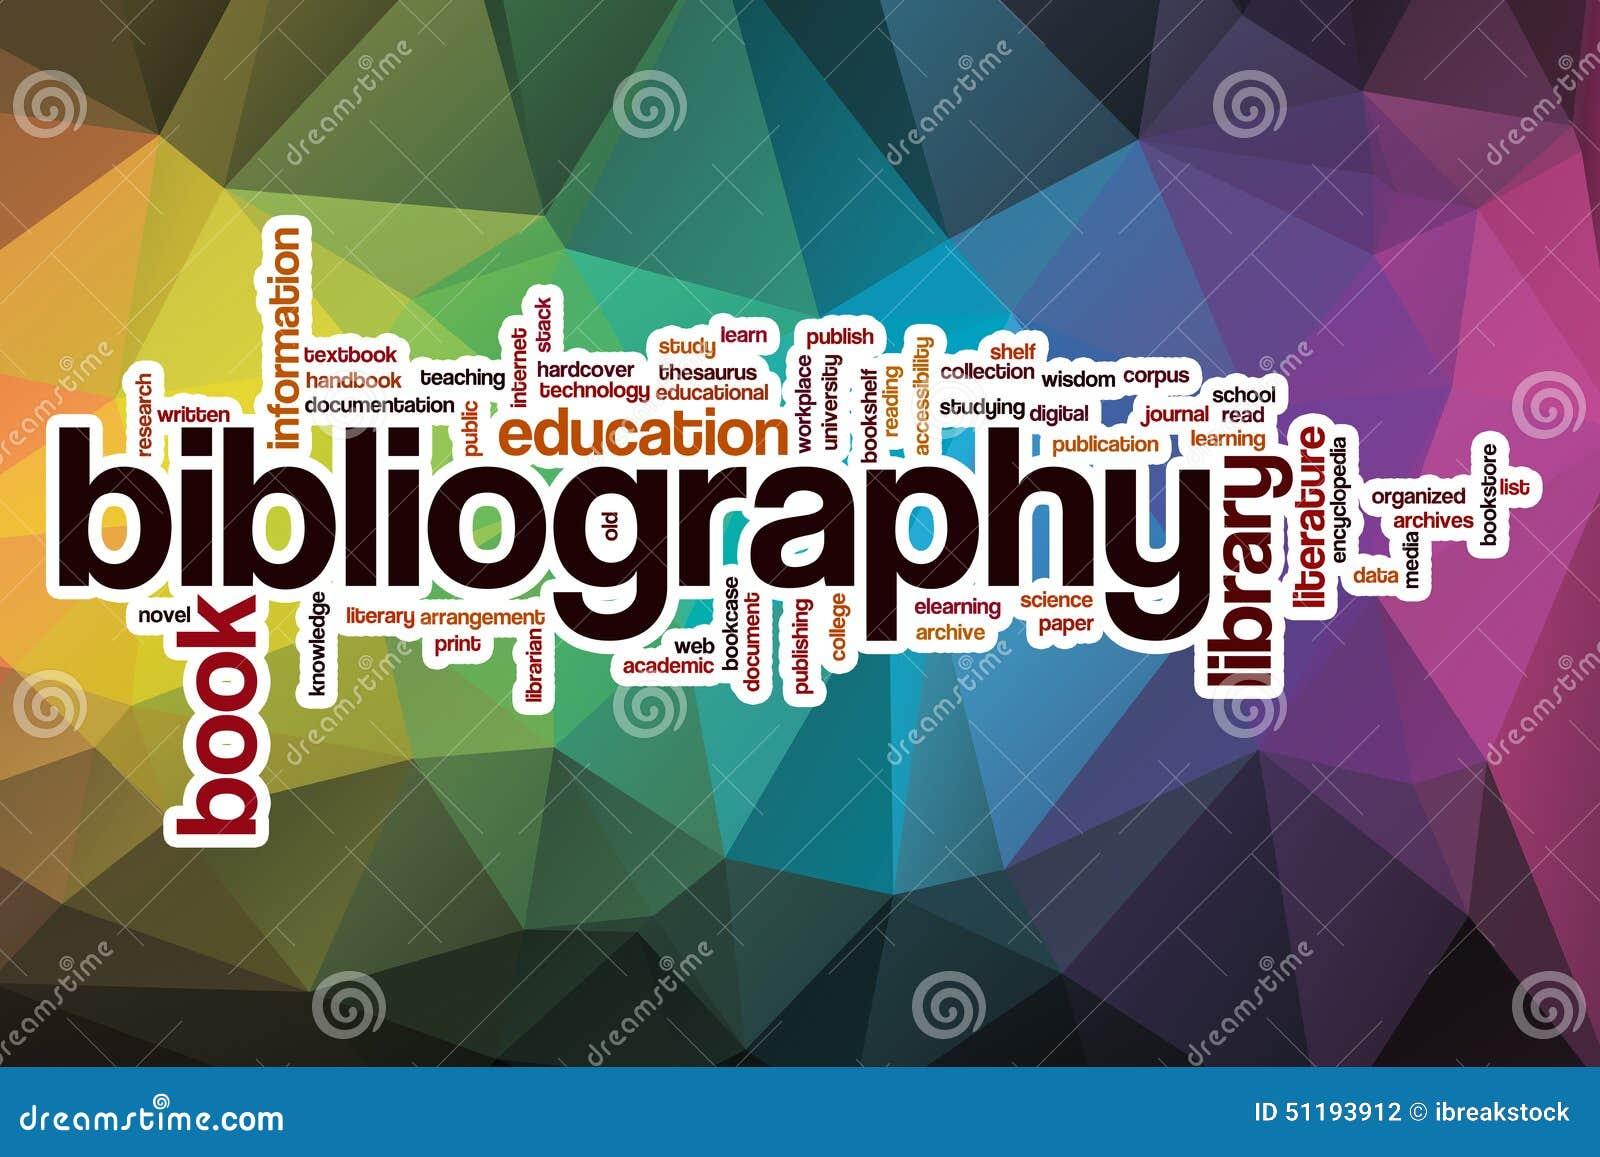 参考书目词云彩有抽象背景